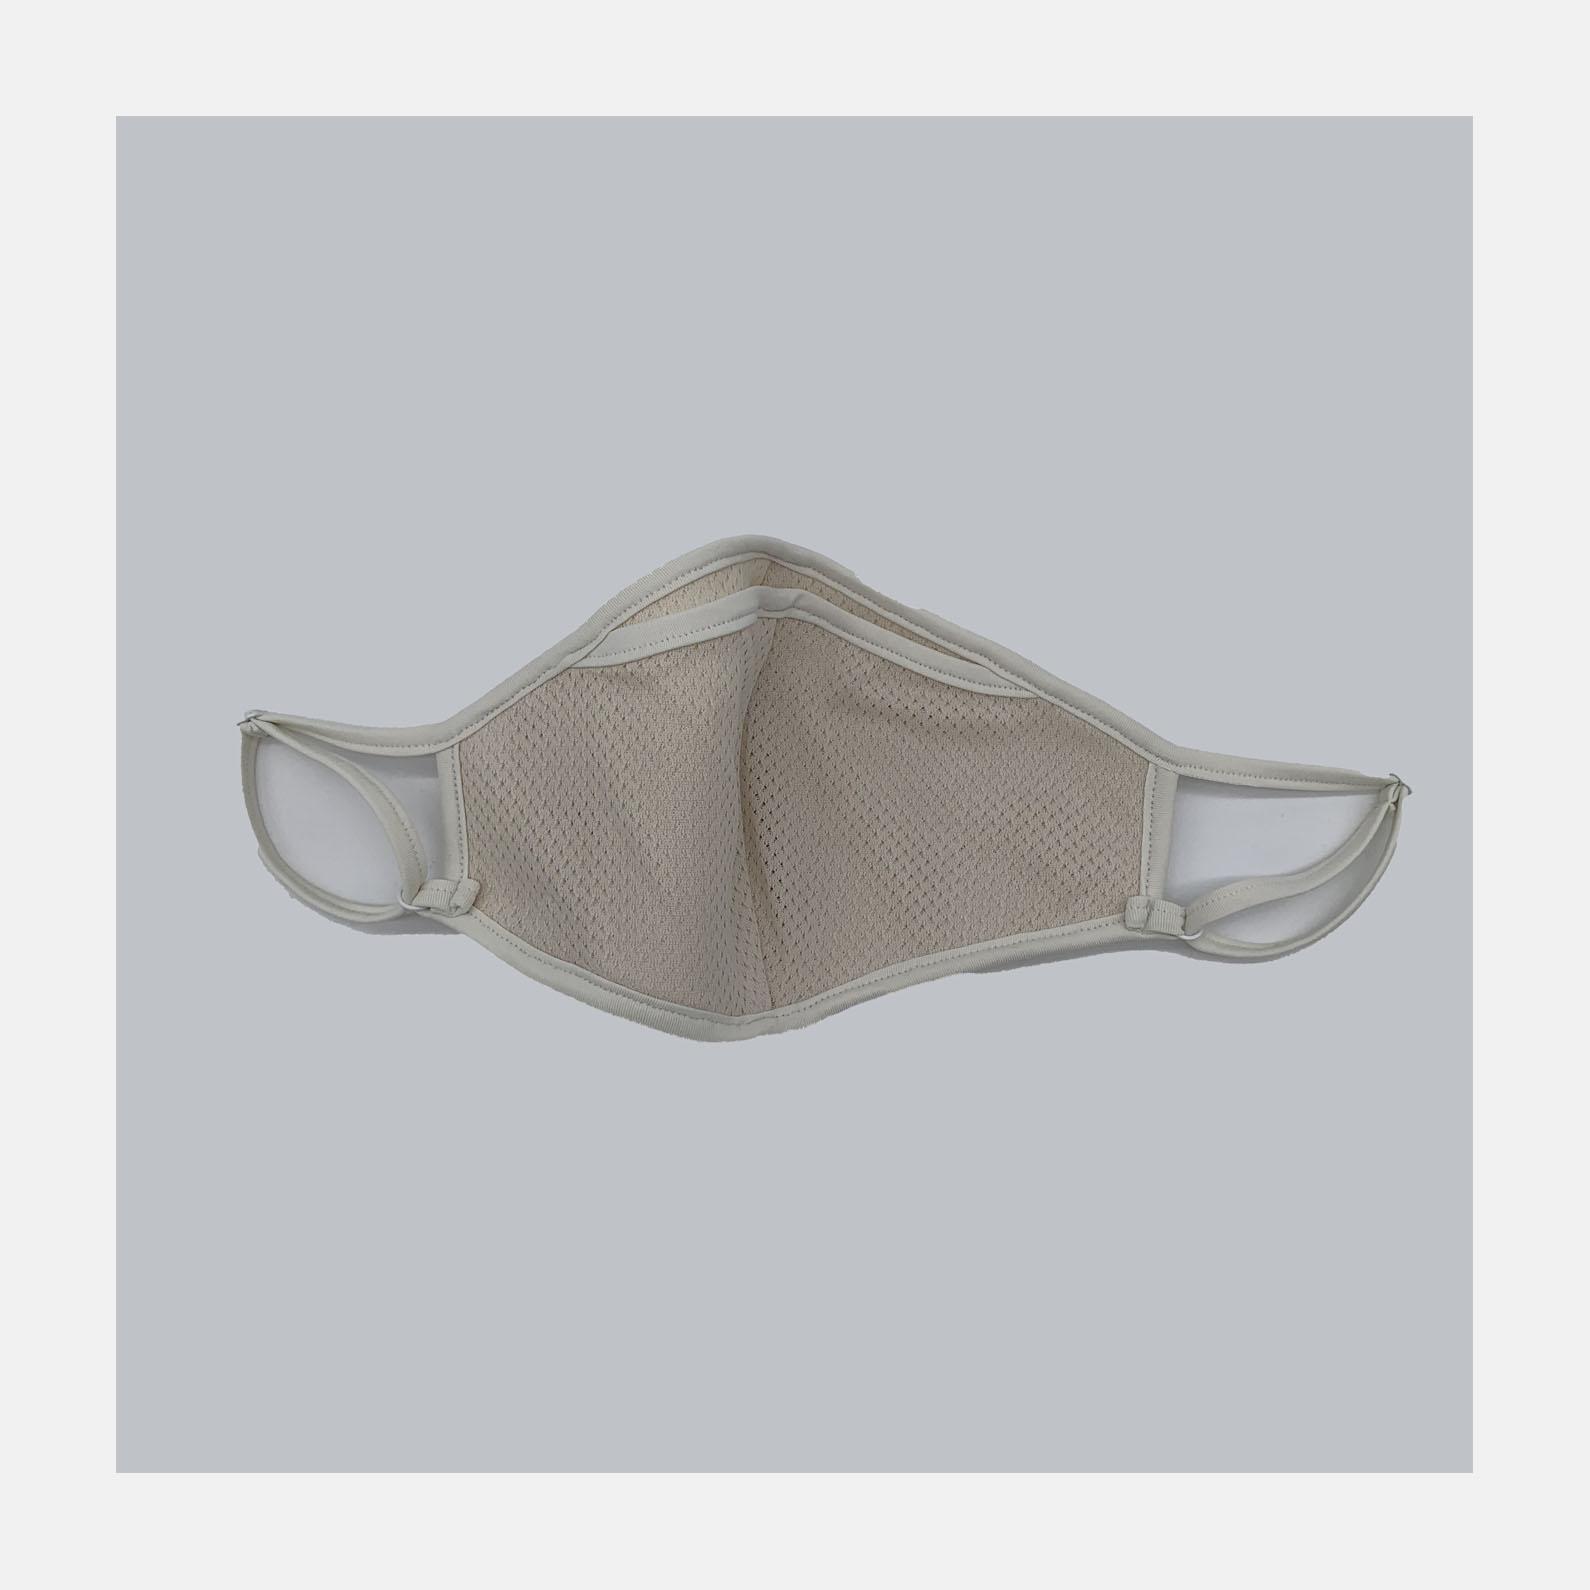 Filter in Mask <br>( 5color options )<br>(logo ribbon 7+2color options)<br>unisex